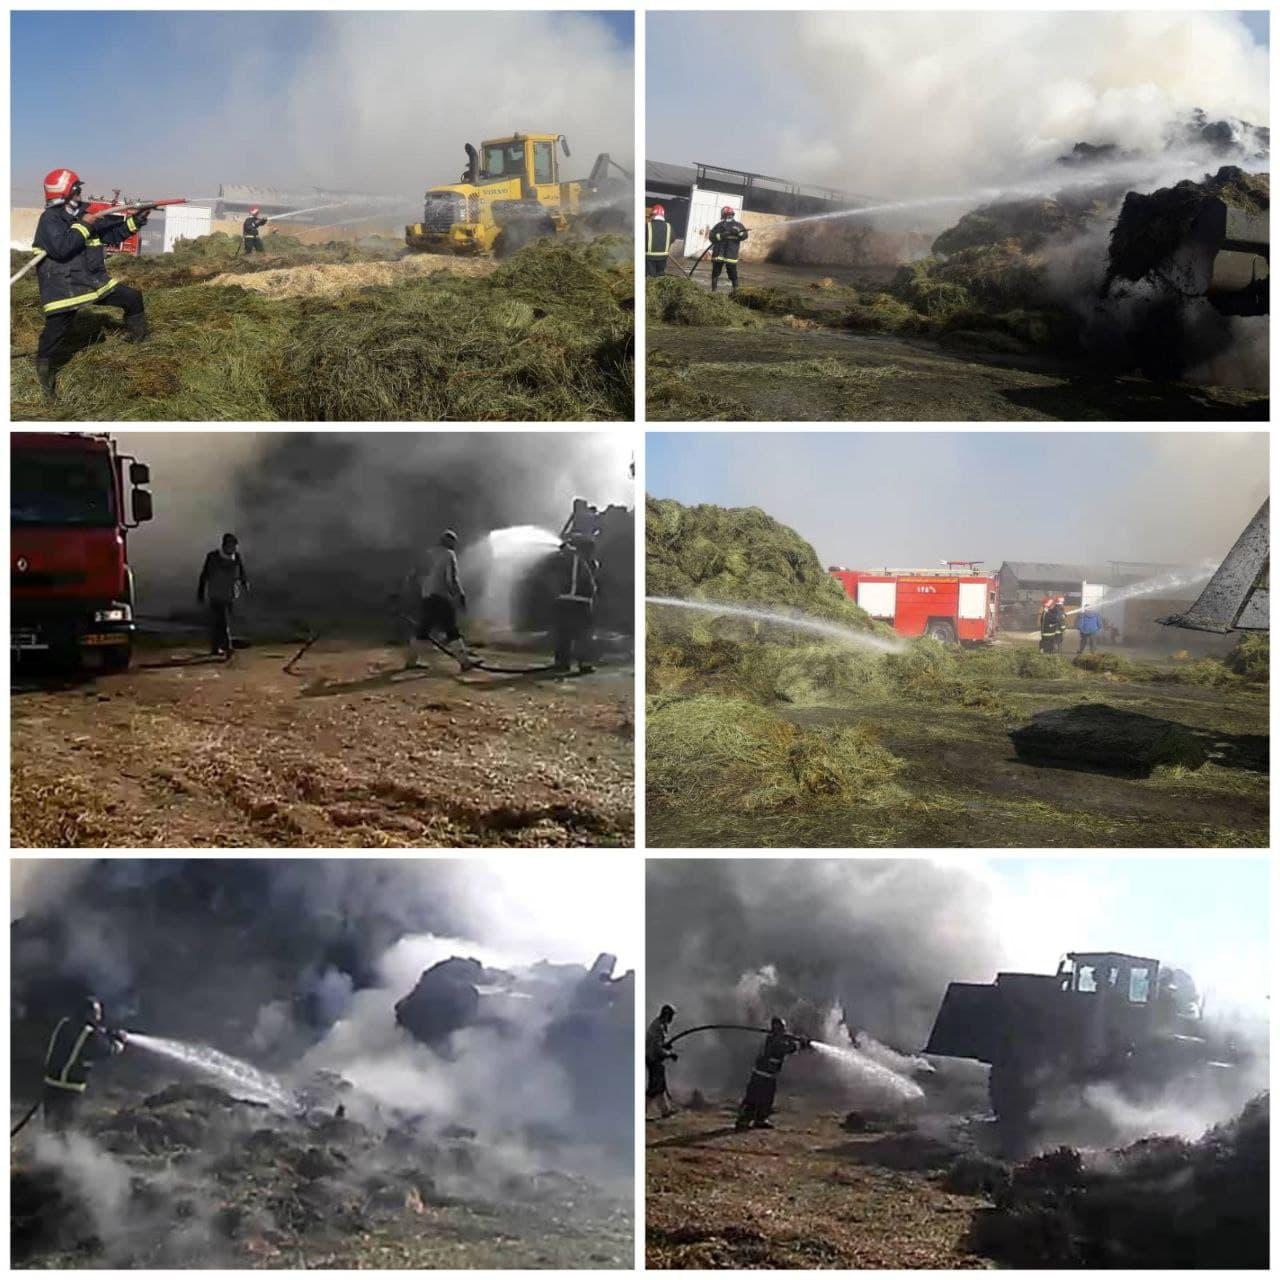 آتش سوزی گاوداری در گلدشت+تصویر آتش سوزی گاوداری در گلدشت+تصویر آتش سوزی گاوداری در گلدشت+تصویر